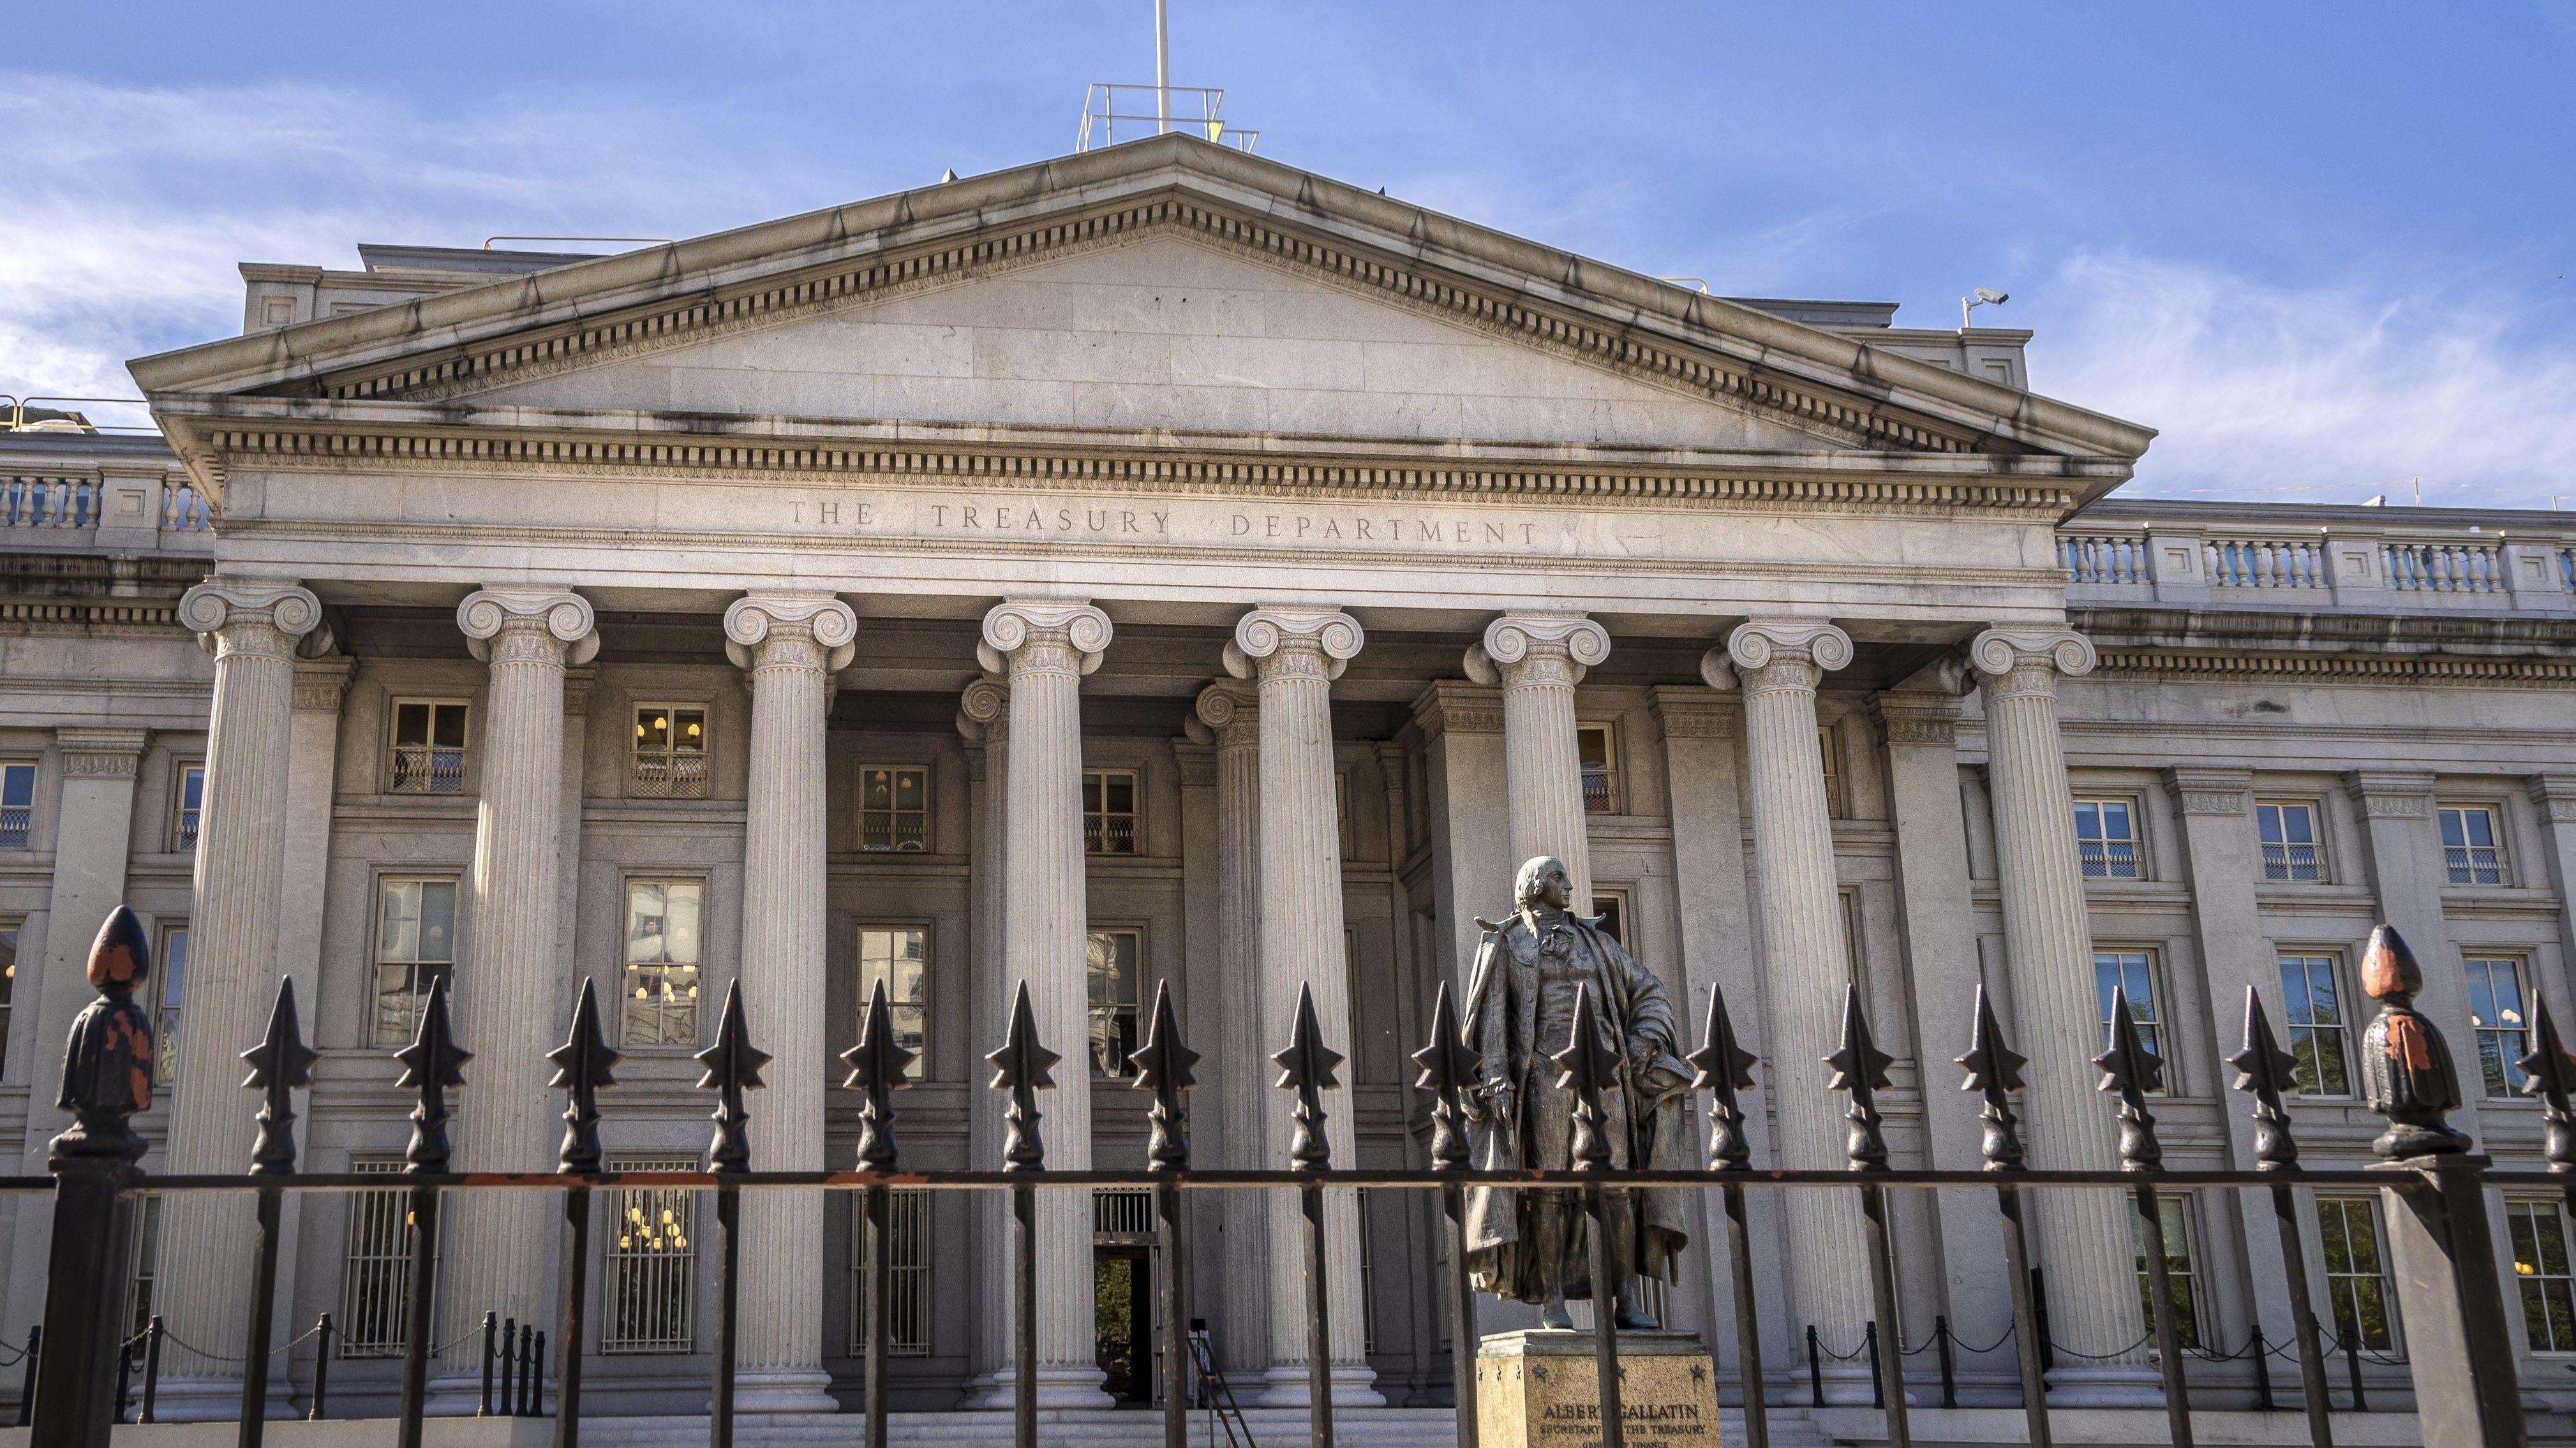 Blick auf das Gebäude des US-Finanzministeriums in Washington